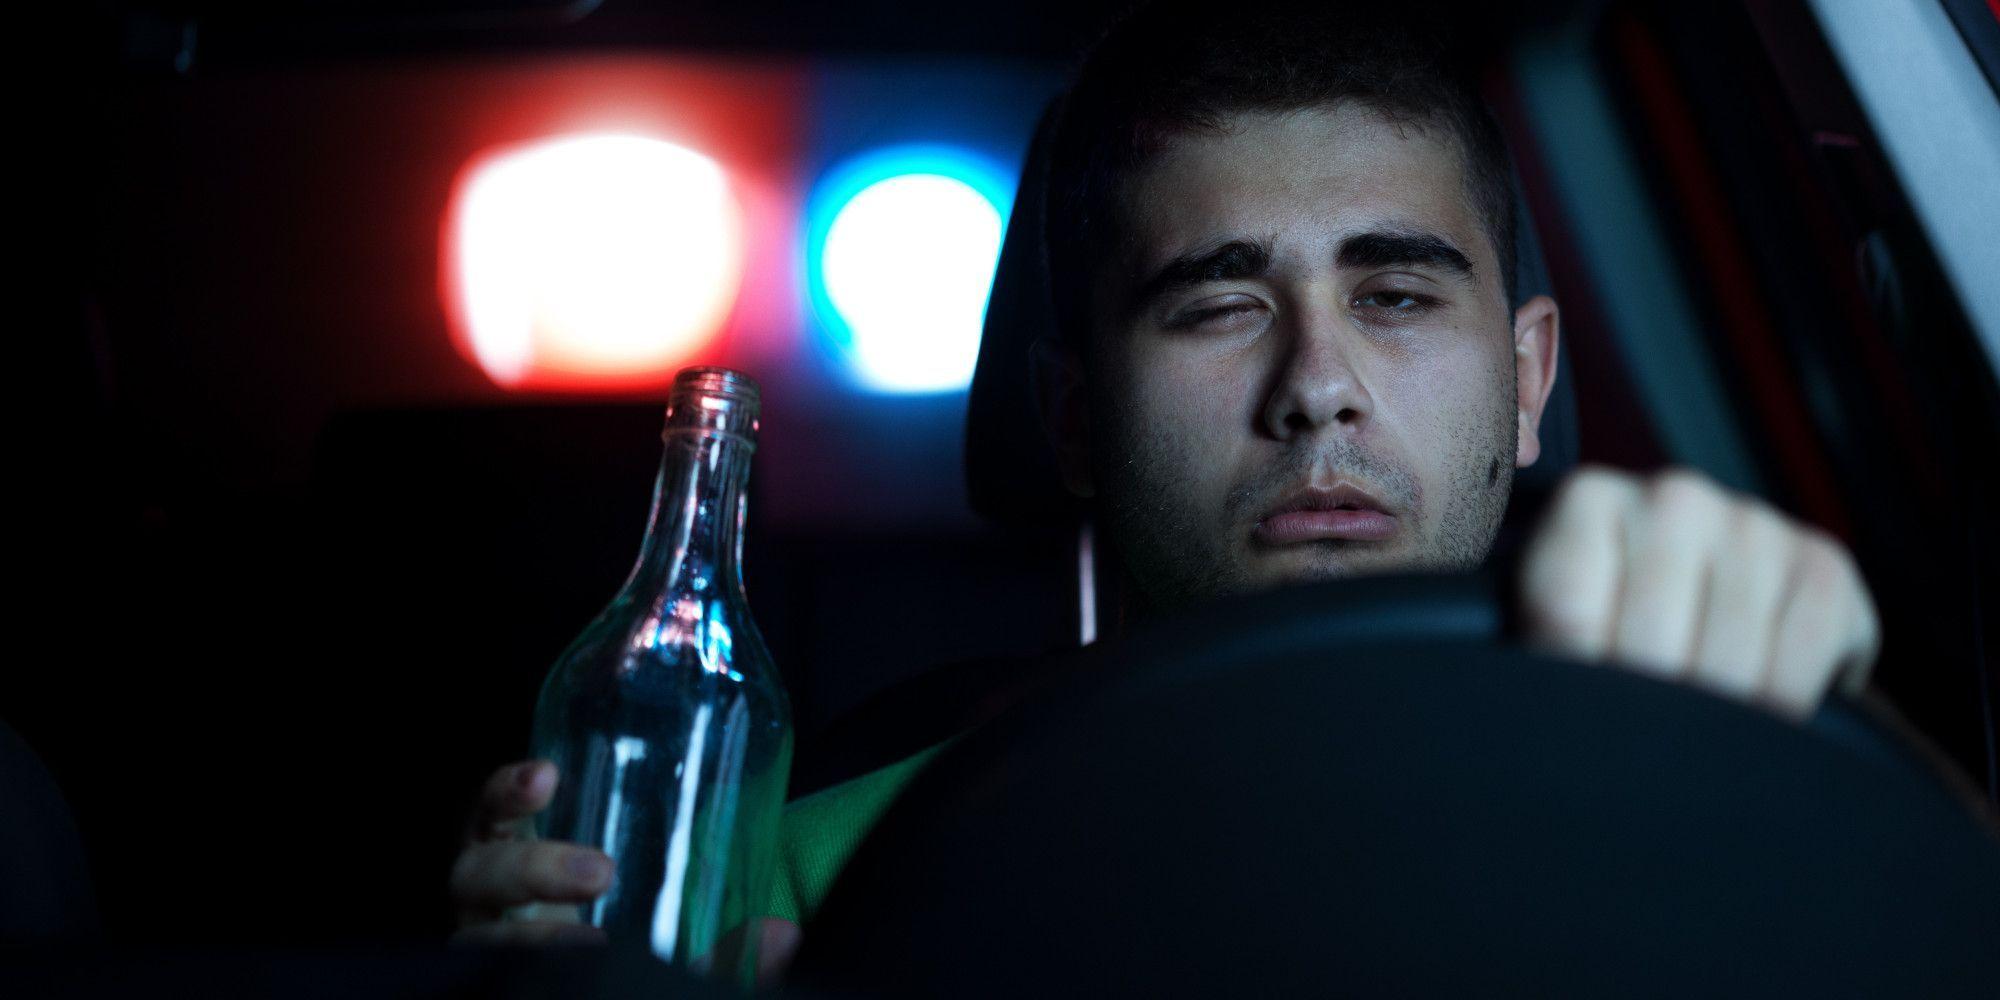 Alcol test: mangia carta igienica per evitarlo